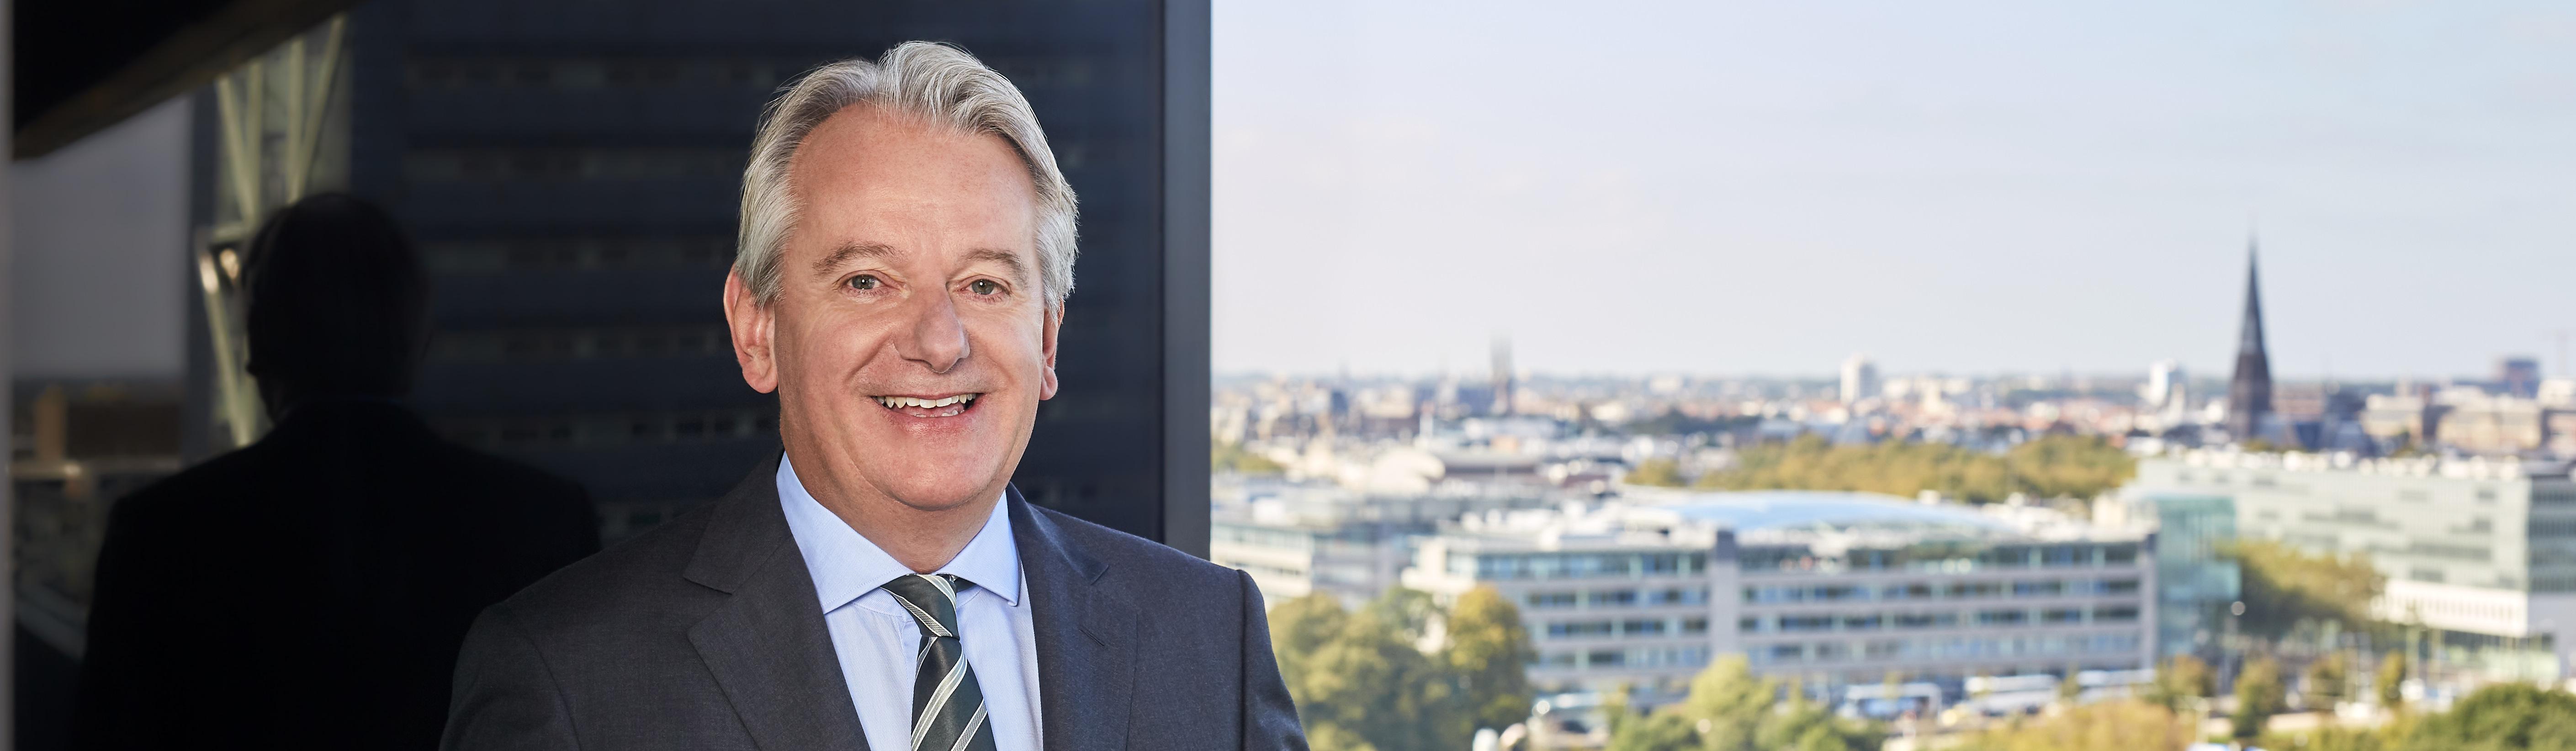 Luc Defaix, advocaat Pels Rijcken